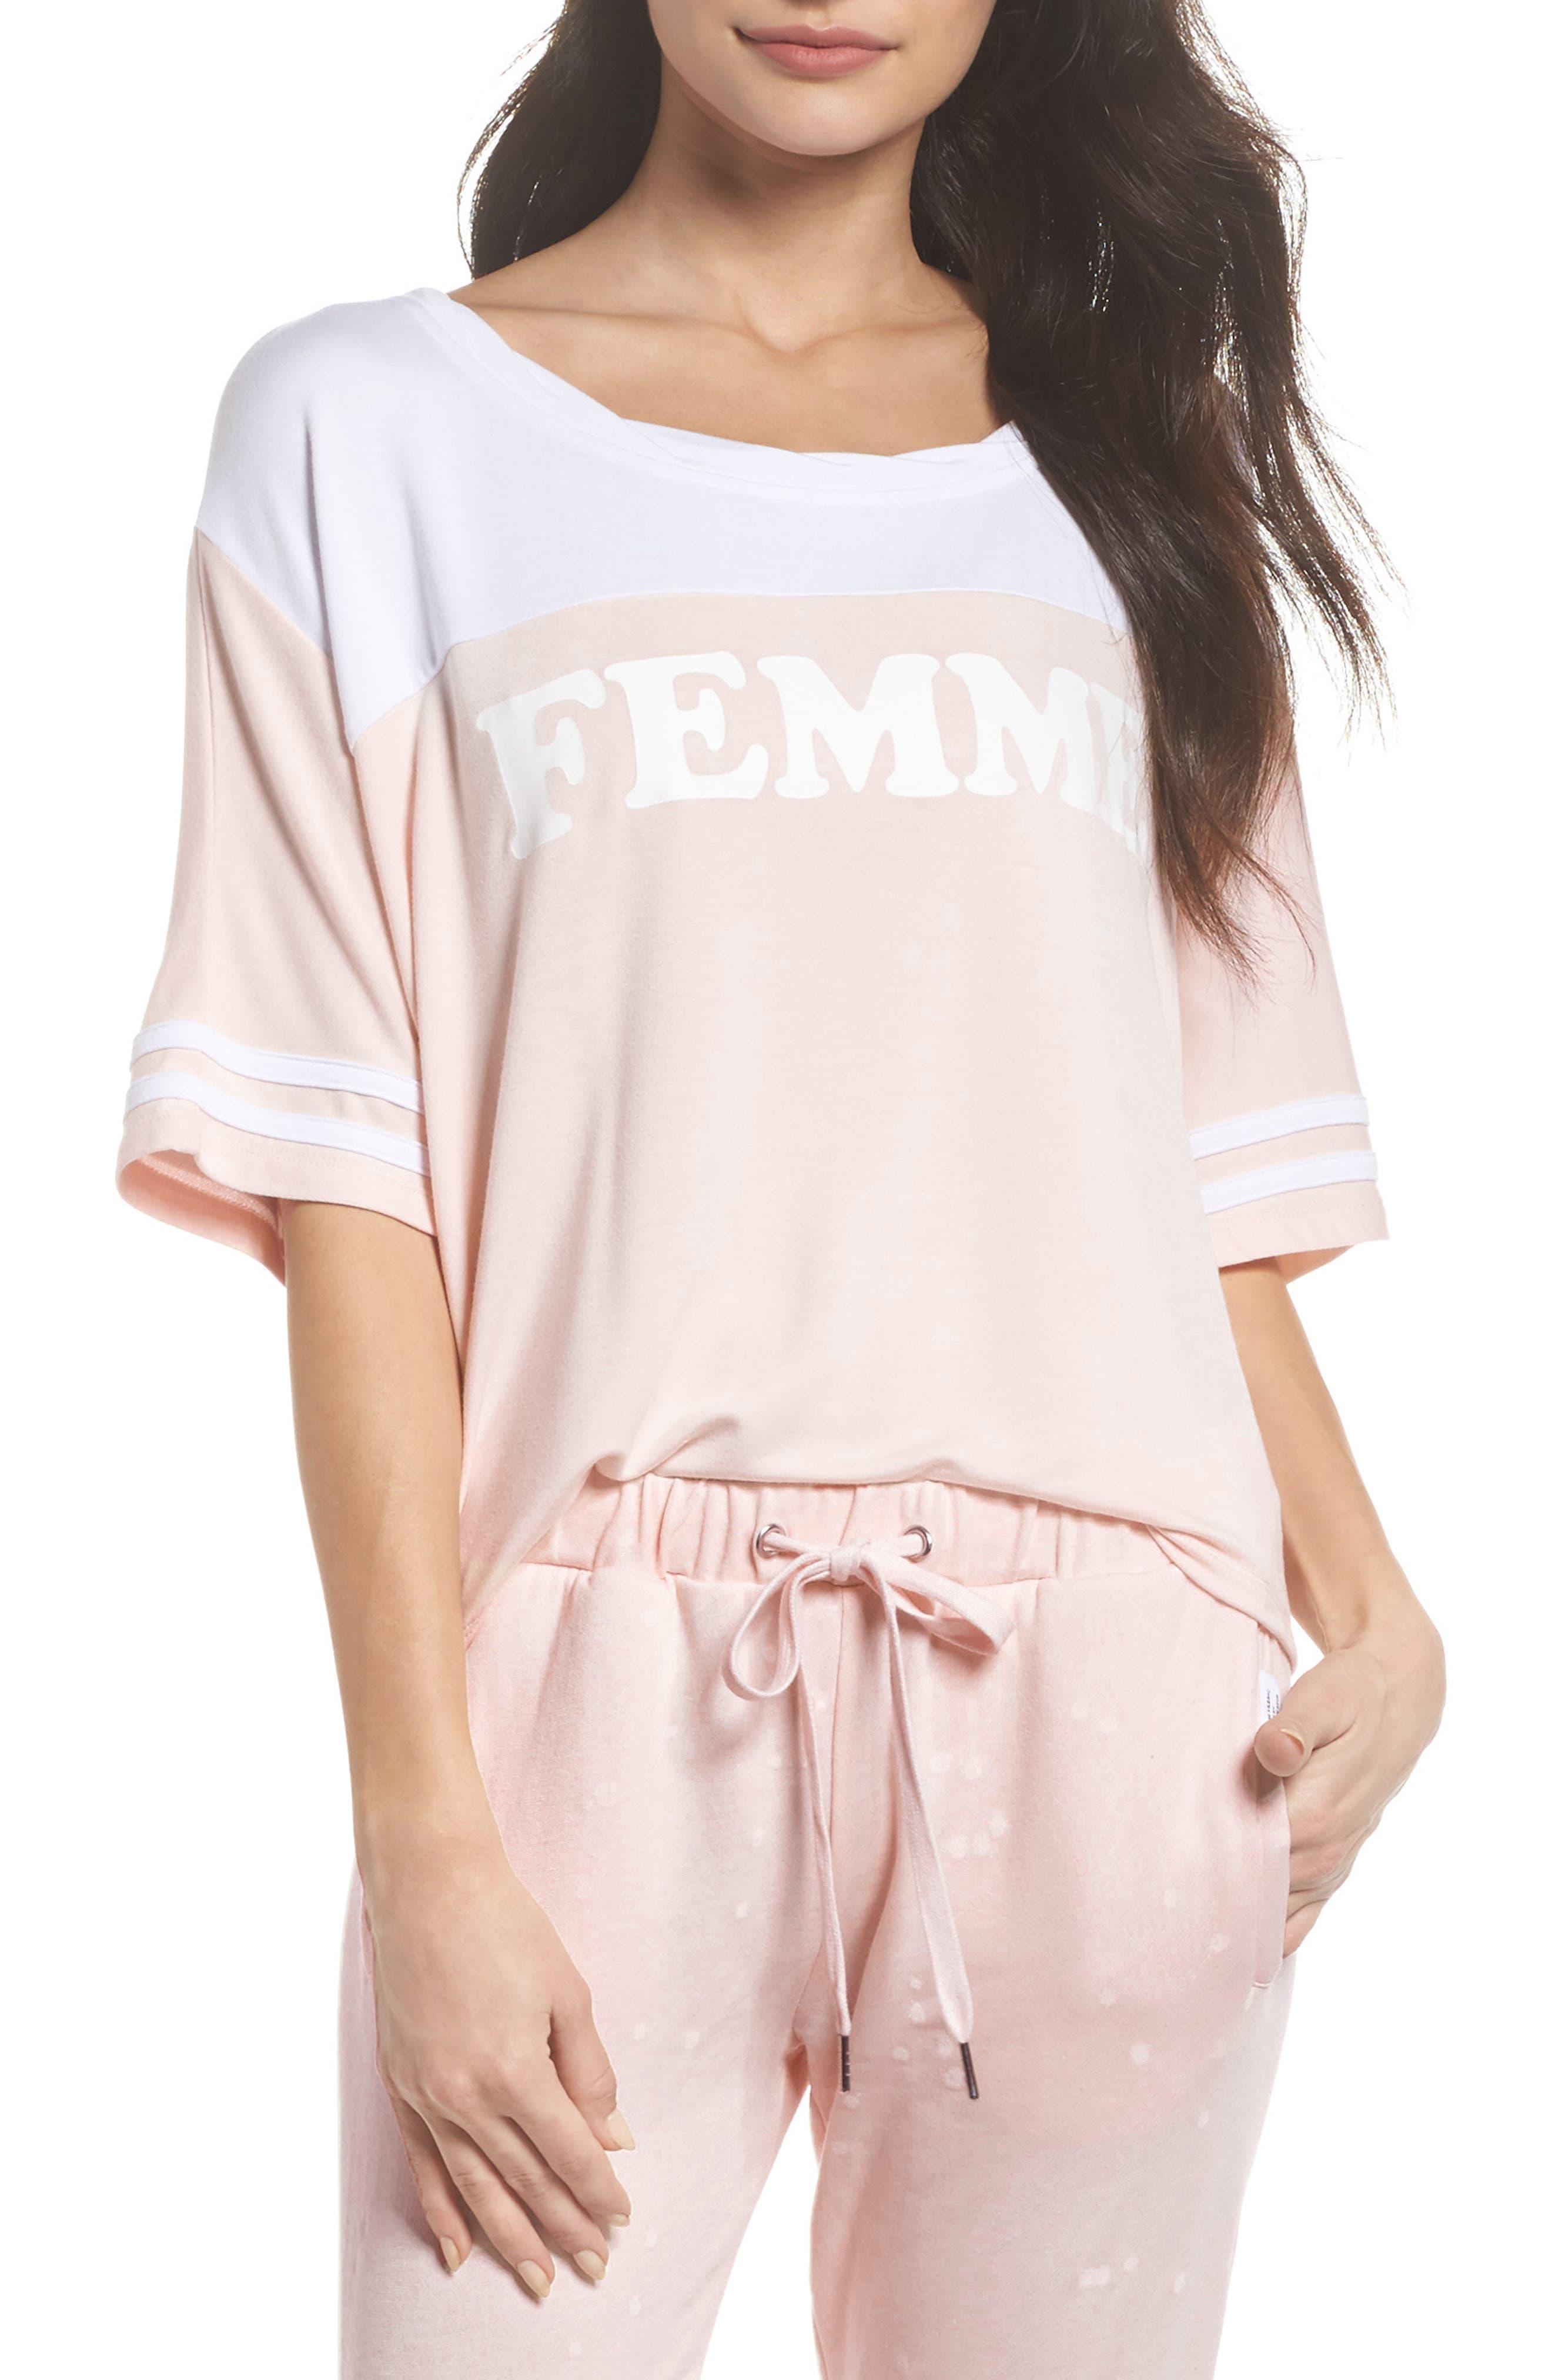 Team Femme Baggy Tee,                             Main thumbnail 1, color,                             693